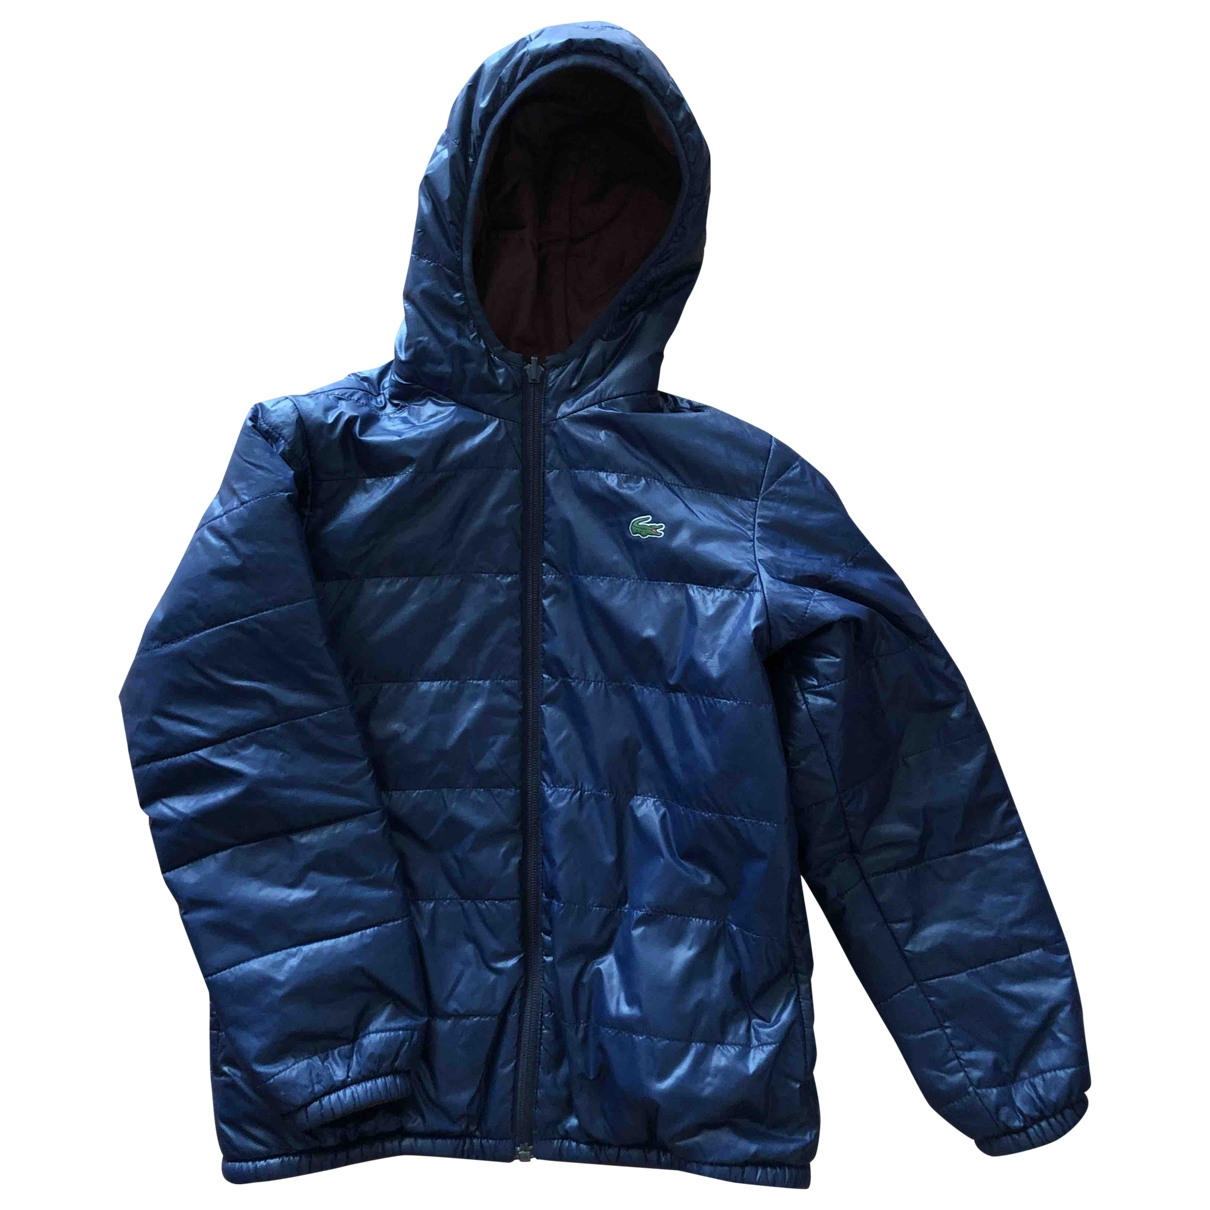 Abrigo, Chaqueta en Poliester Azul Lacoste